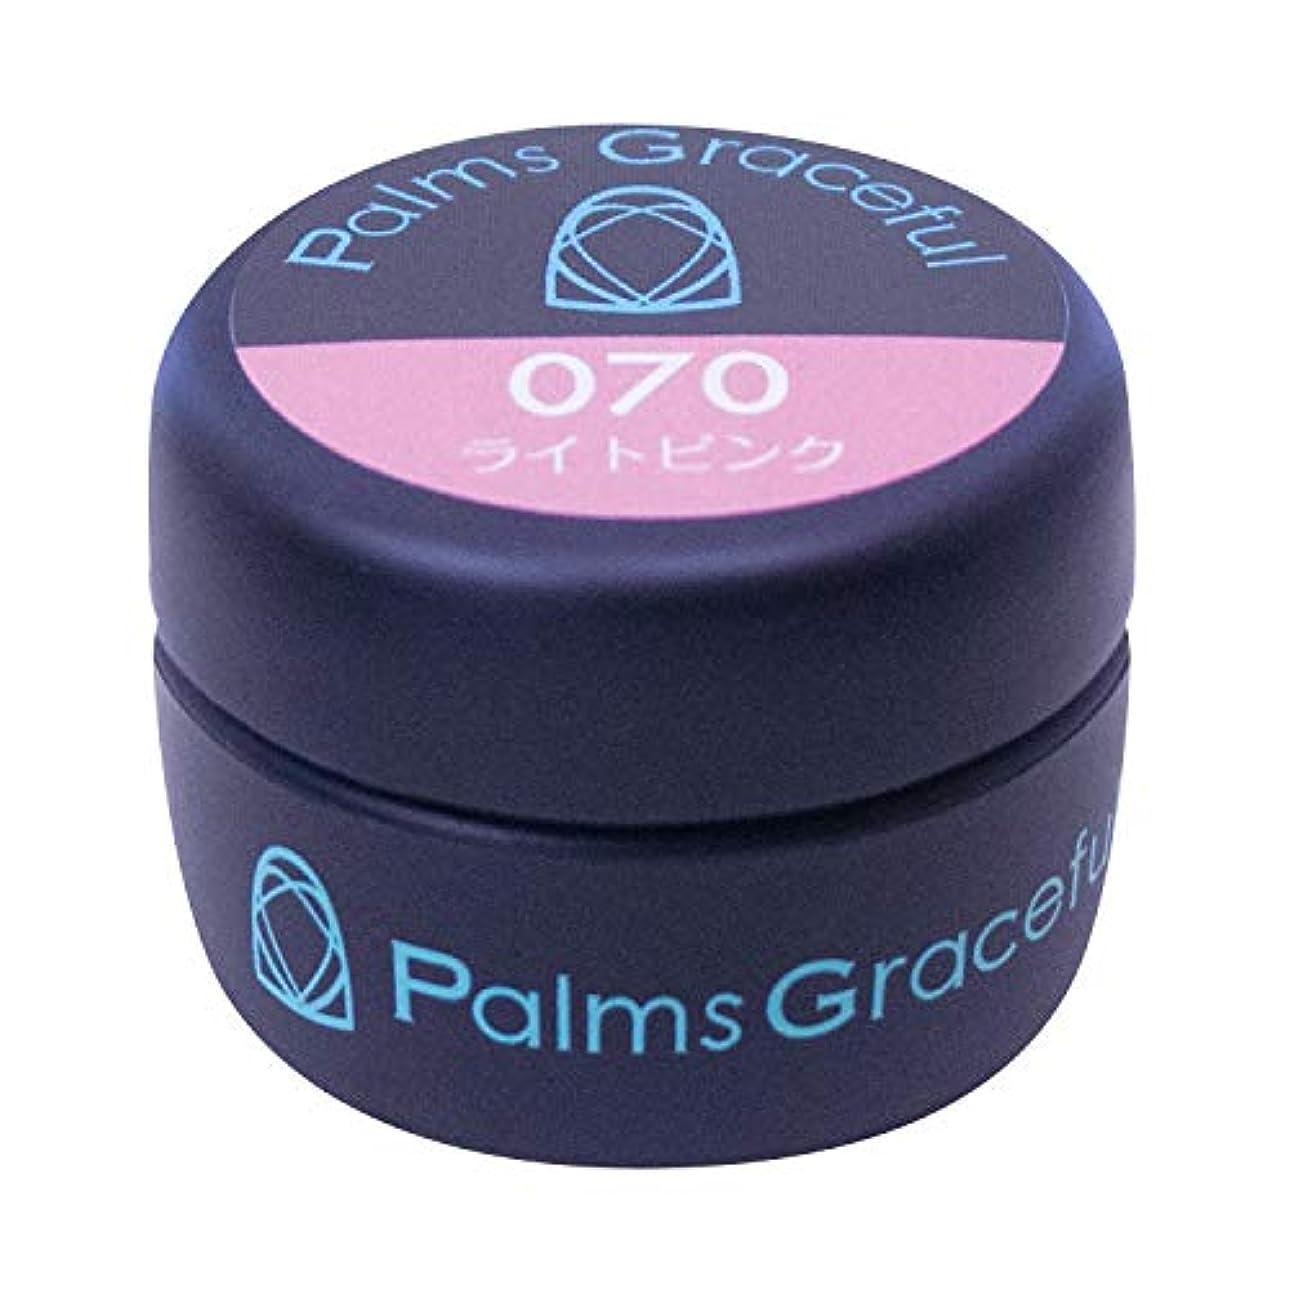 耐えられるご予約そのようなPalms Graceful カラージェル 3g 070 ライトピンク